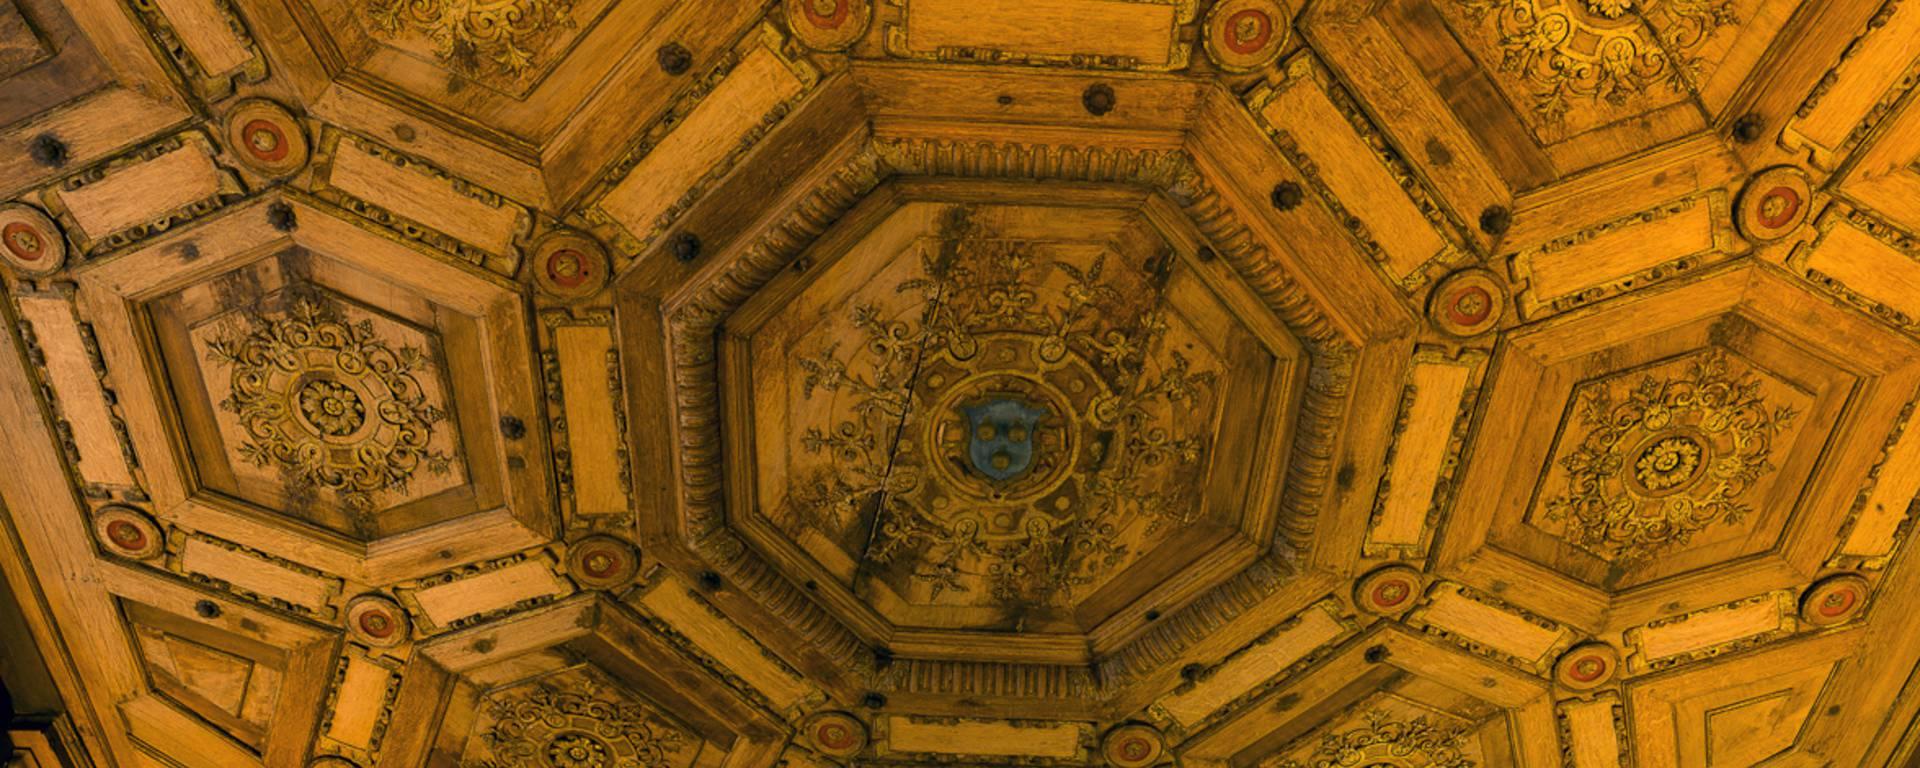 Plafond du château de Beauregard